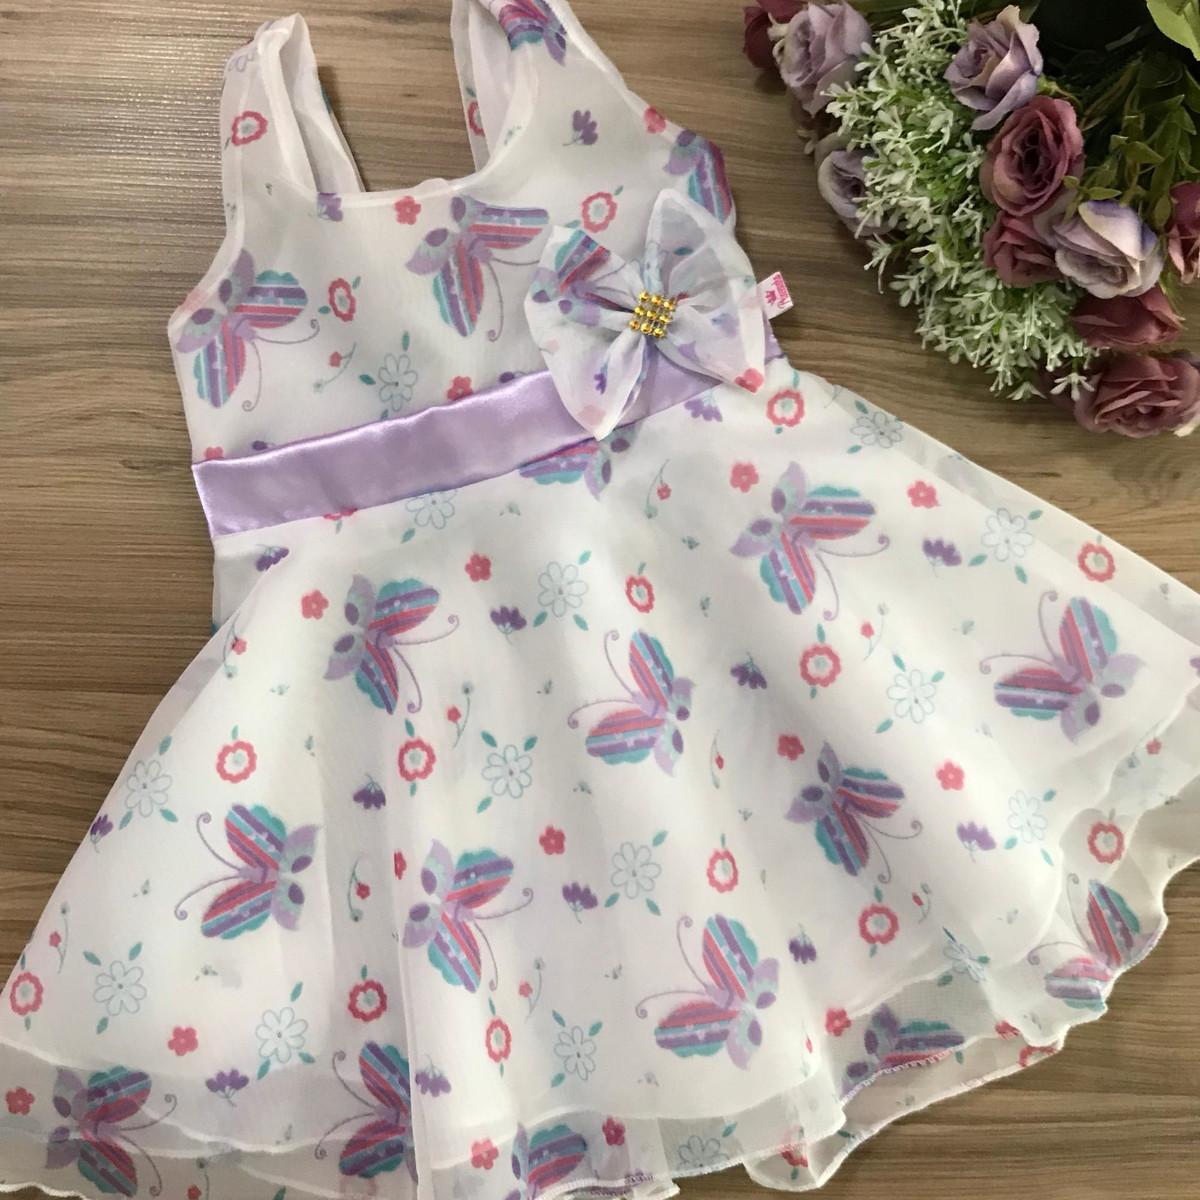 b79d905645 Vestido infantil Princesa 1 ano no Elo7